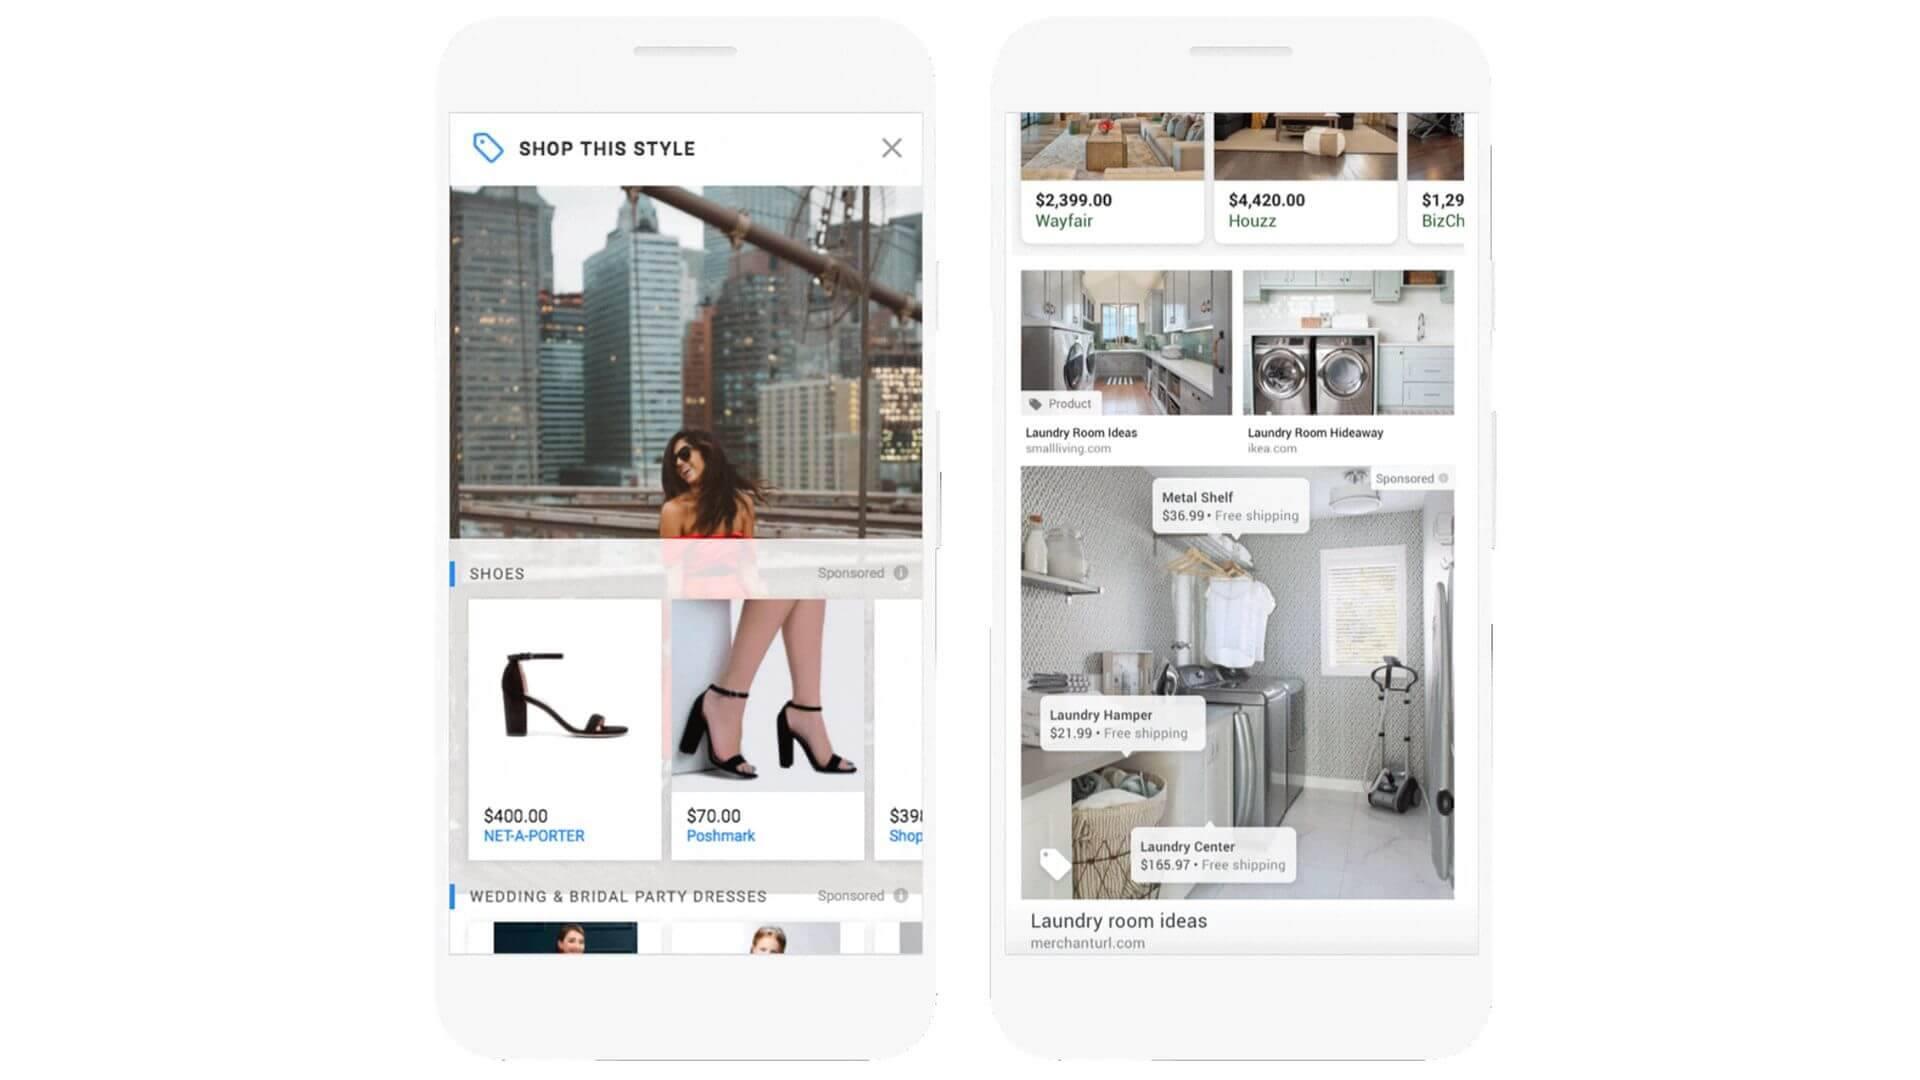 מודעות תמונה מסוג Shoppable Image יכולות להופיע באתרים של צד שלישי (משמאל) ובחיפוש תמונות של Google (מימין).